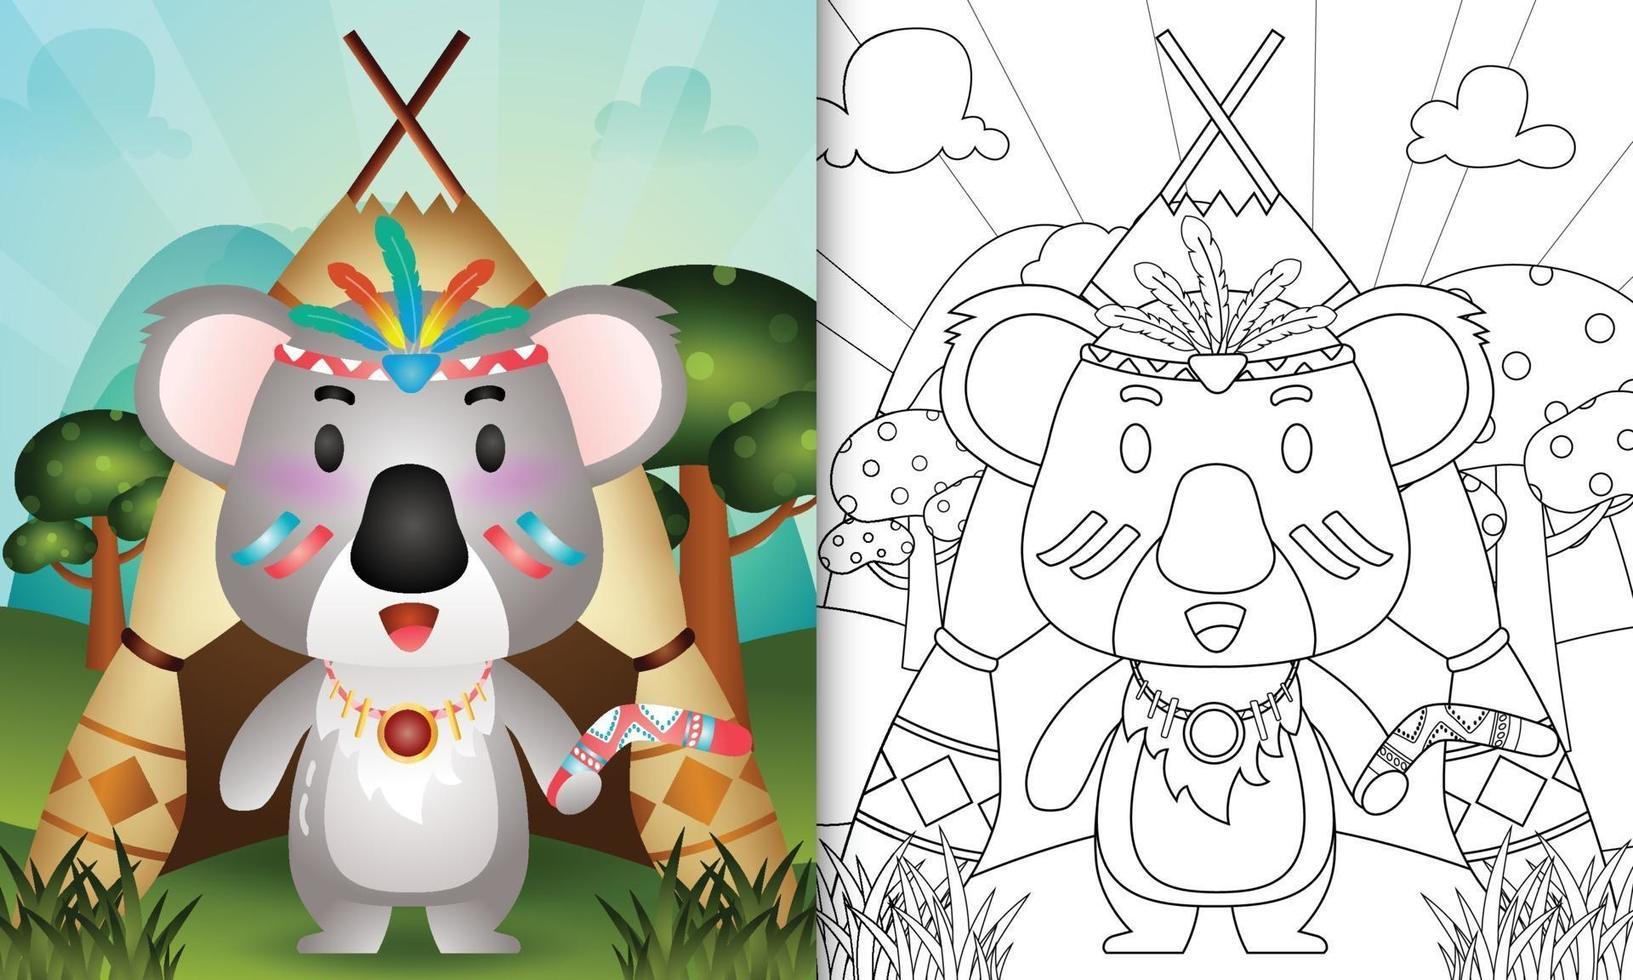 modello di libro da colorare per bambini con un simpatico personaggio tribale boho koala illustrazione vettore